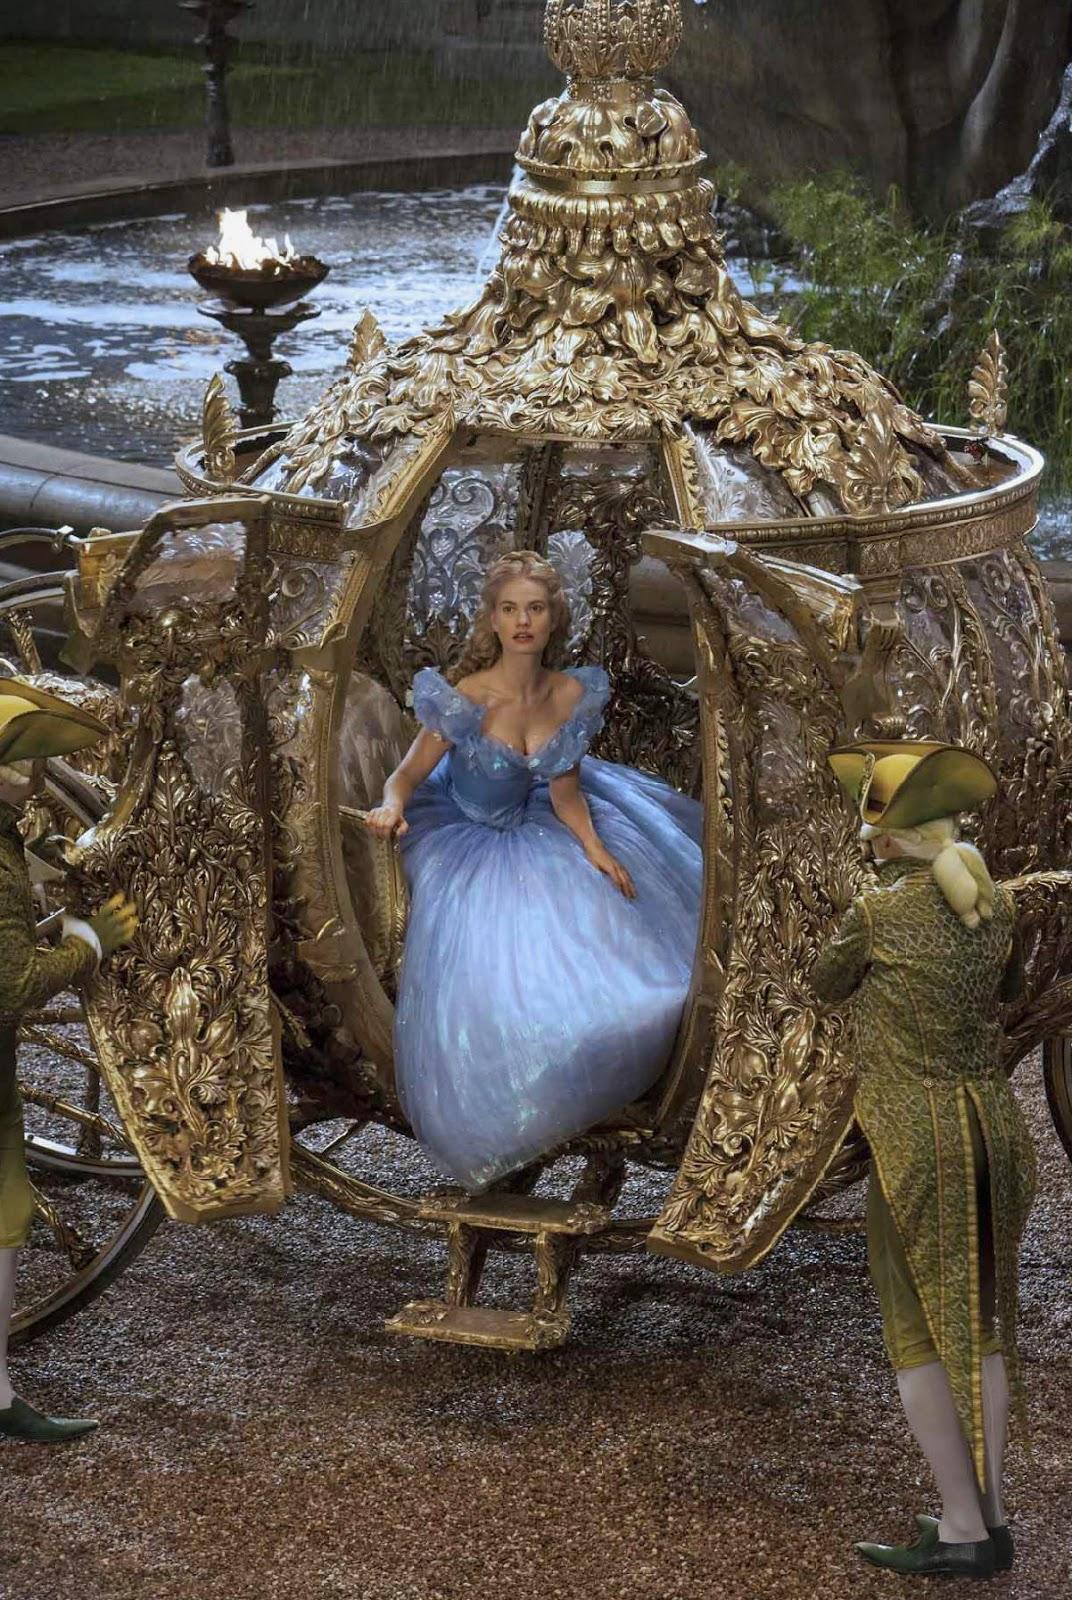 Cinderella 2015 Disney Kereta Emas Wallpaper HD